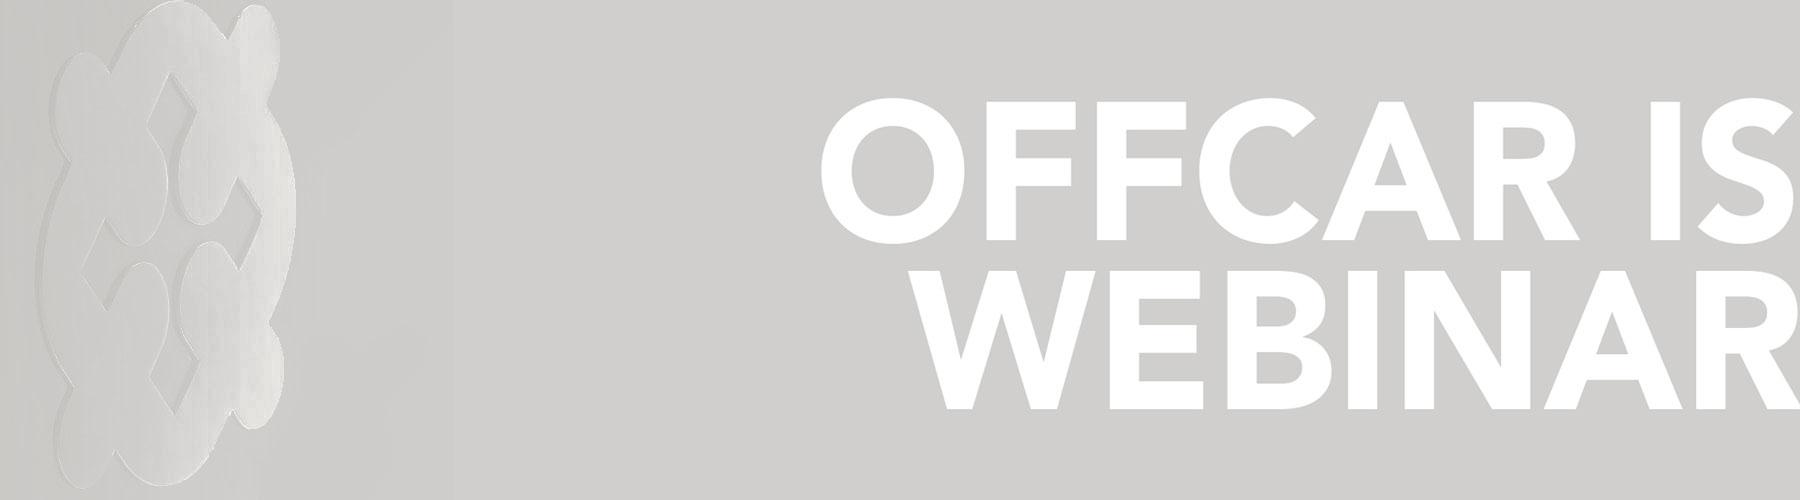 offcar-webinar-head2